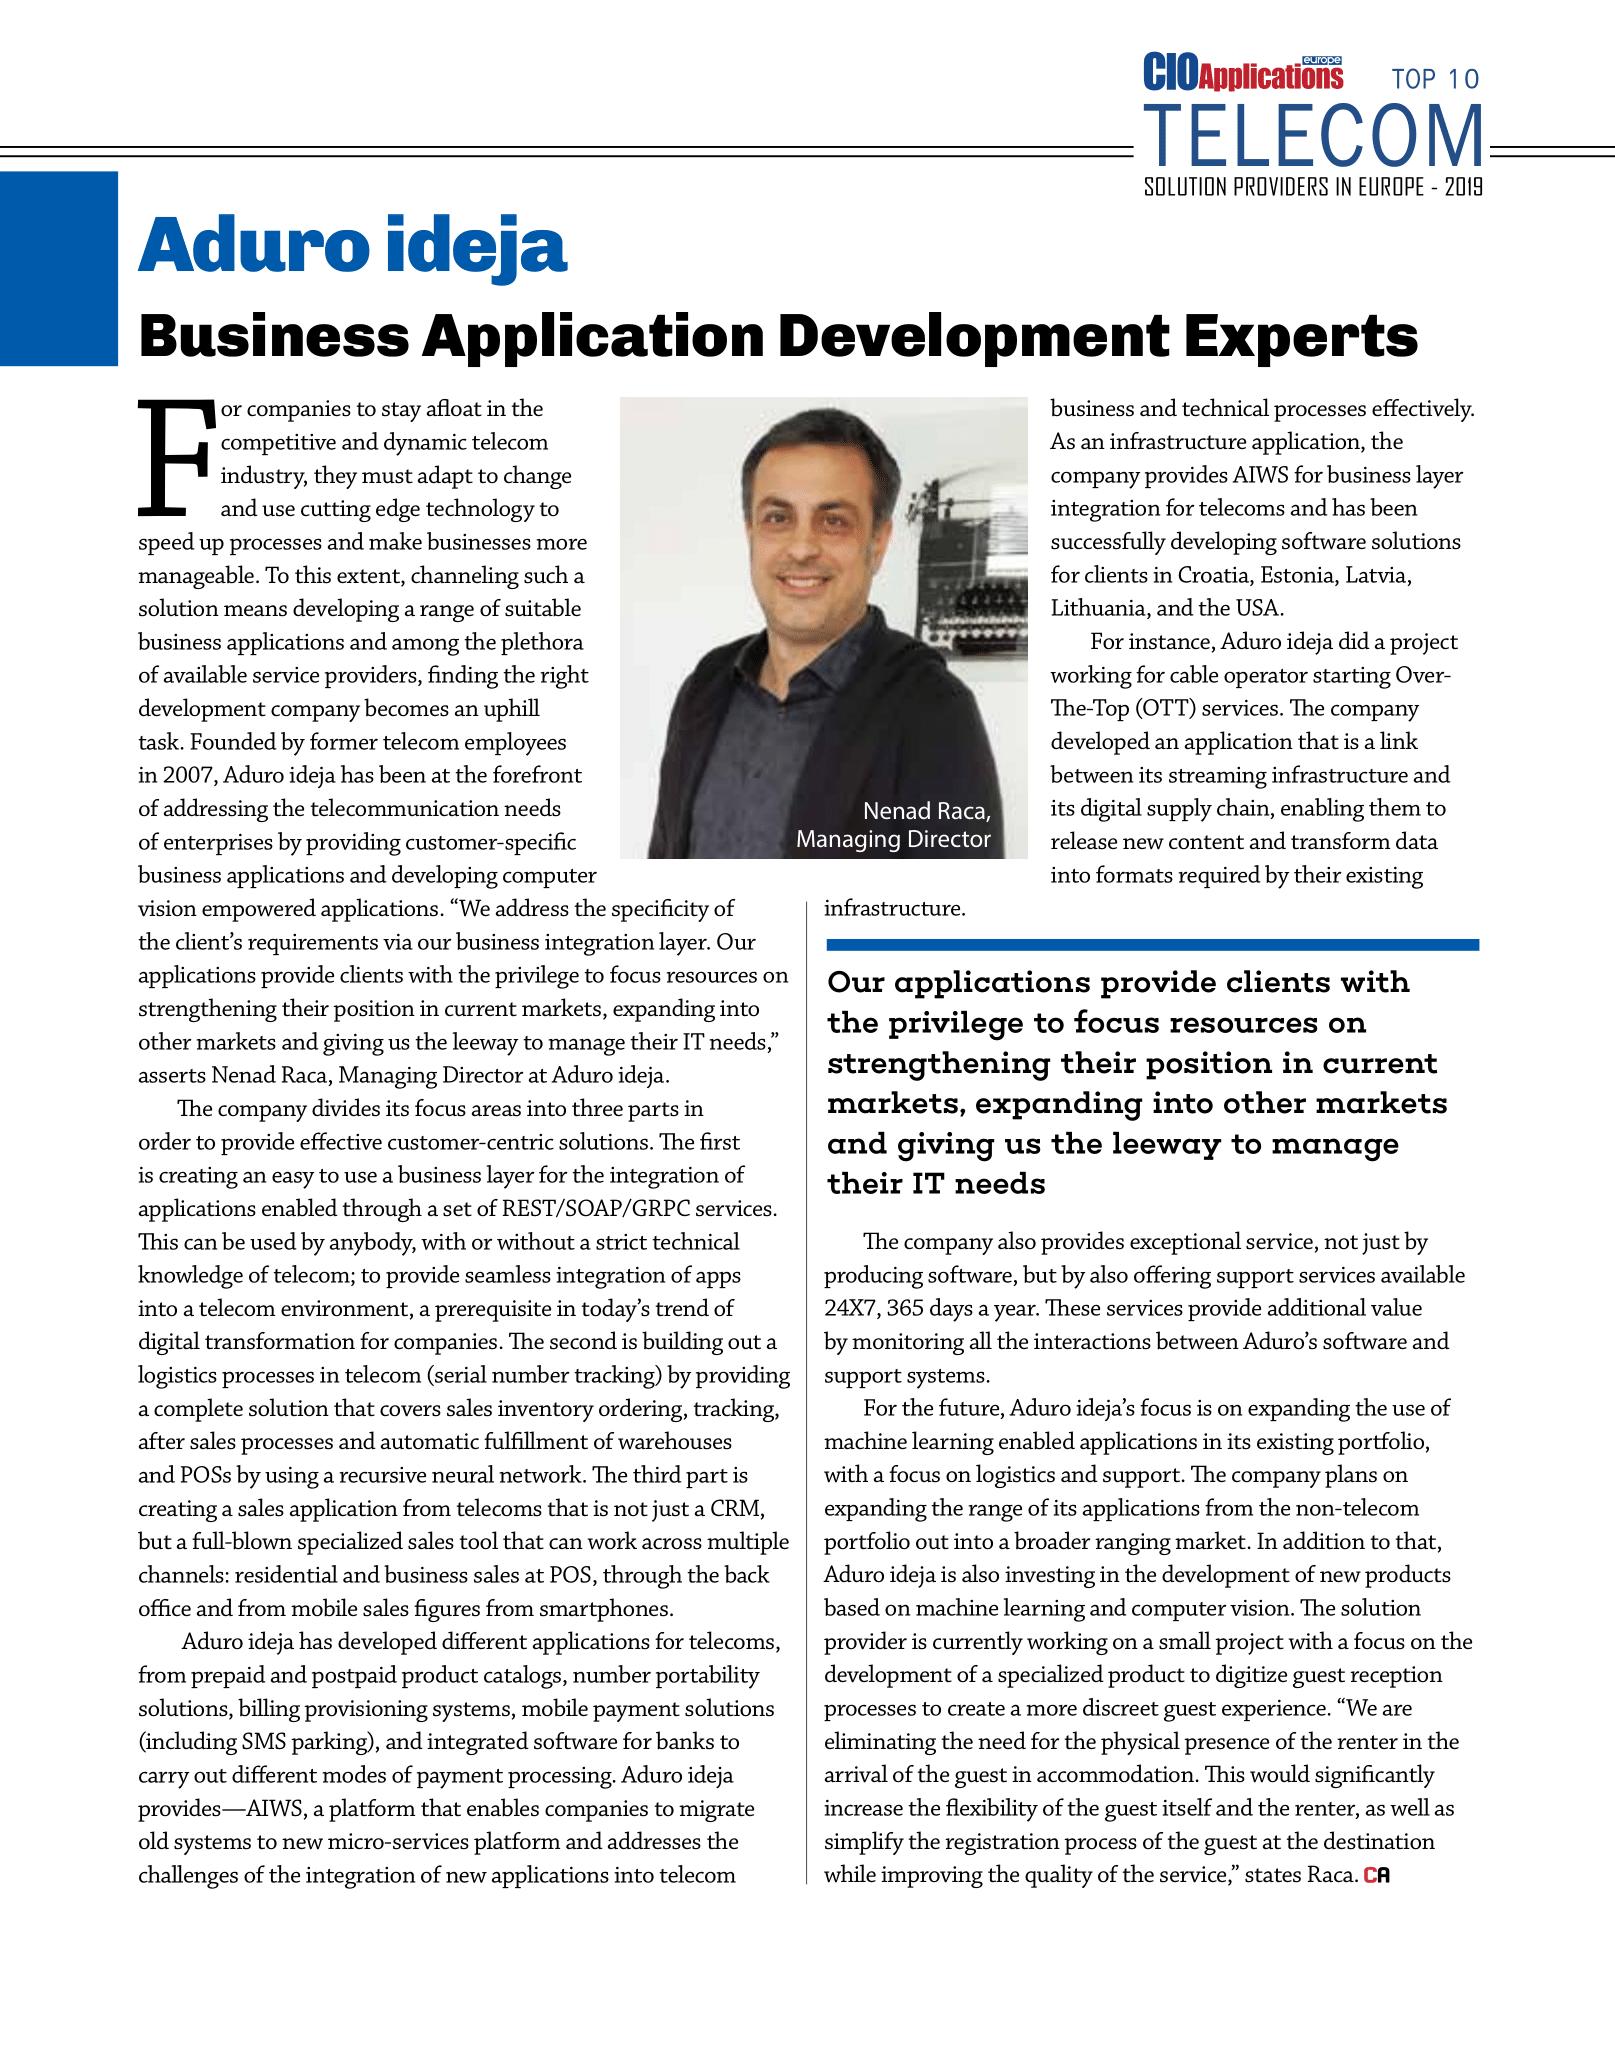 Aduro Ideja final PDF-1.png